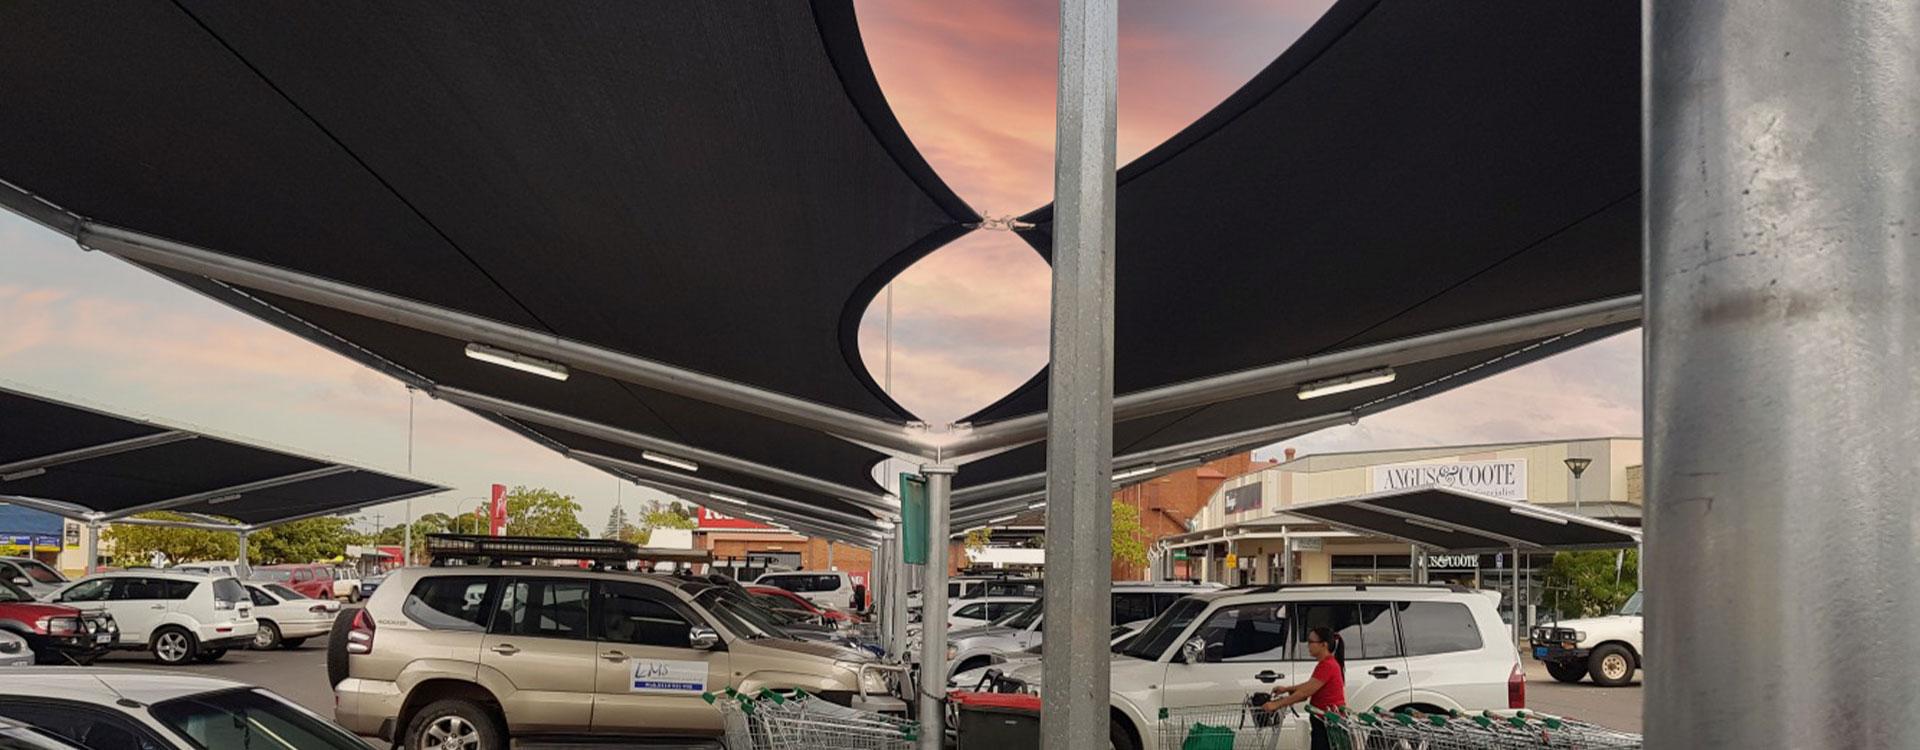 Kalgoorlie Central Carpark Shade